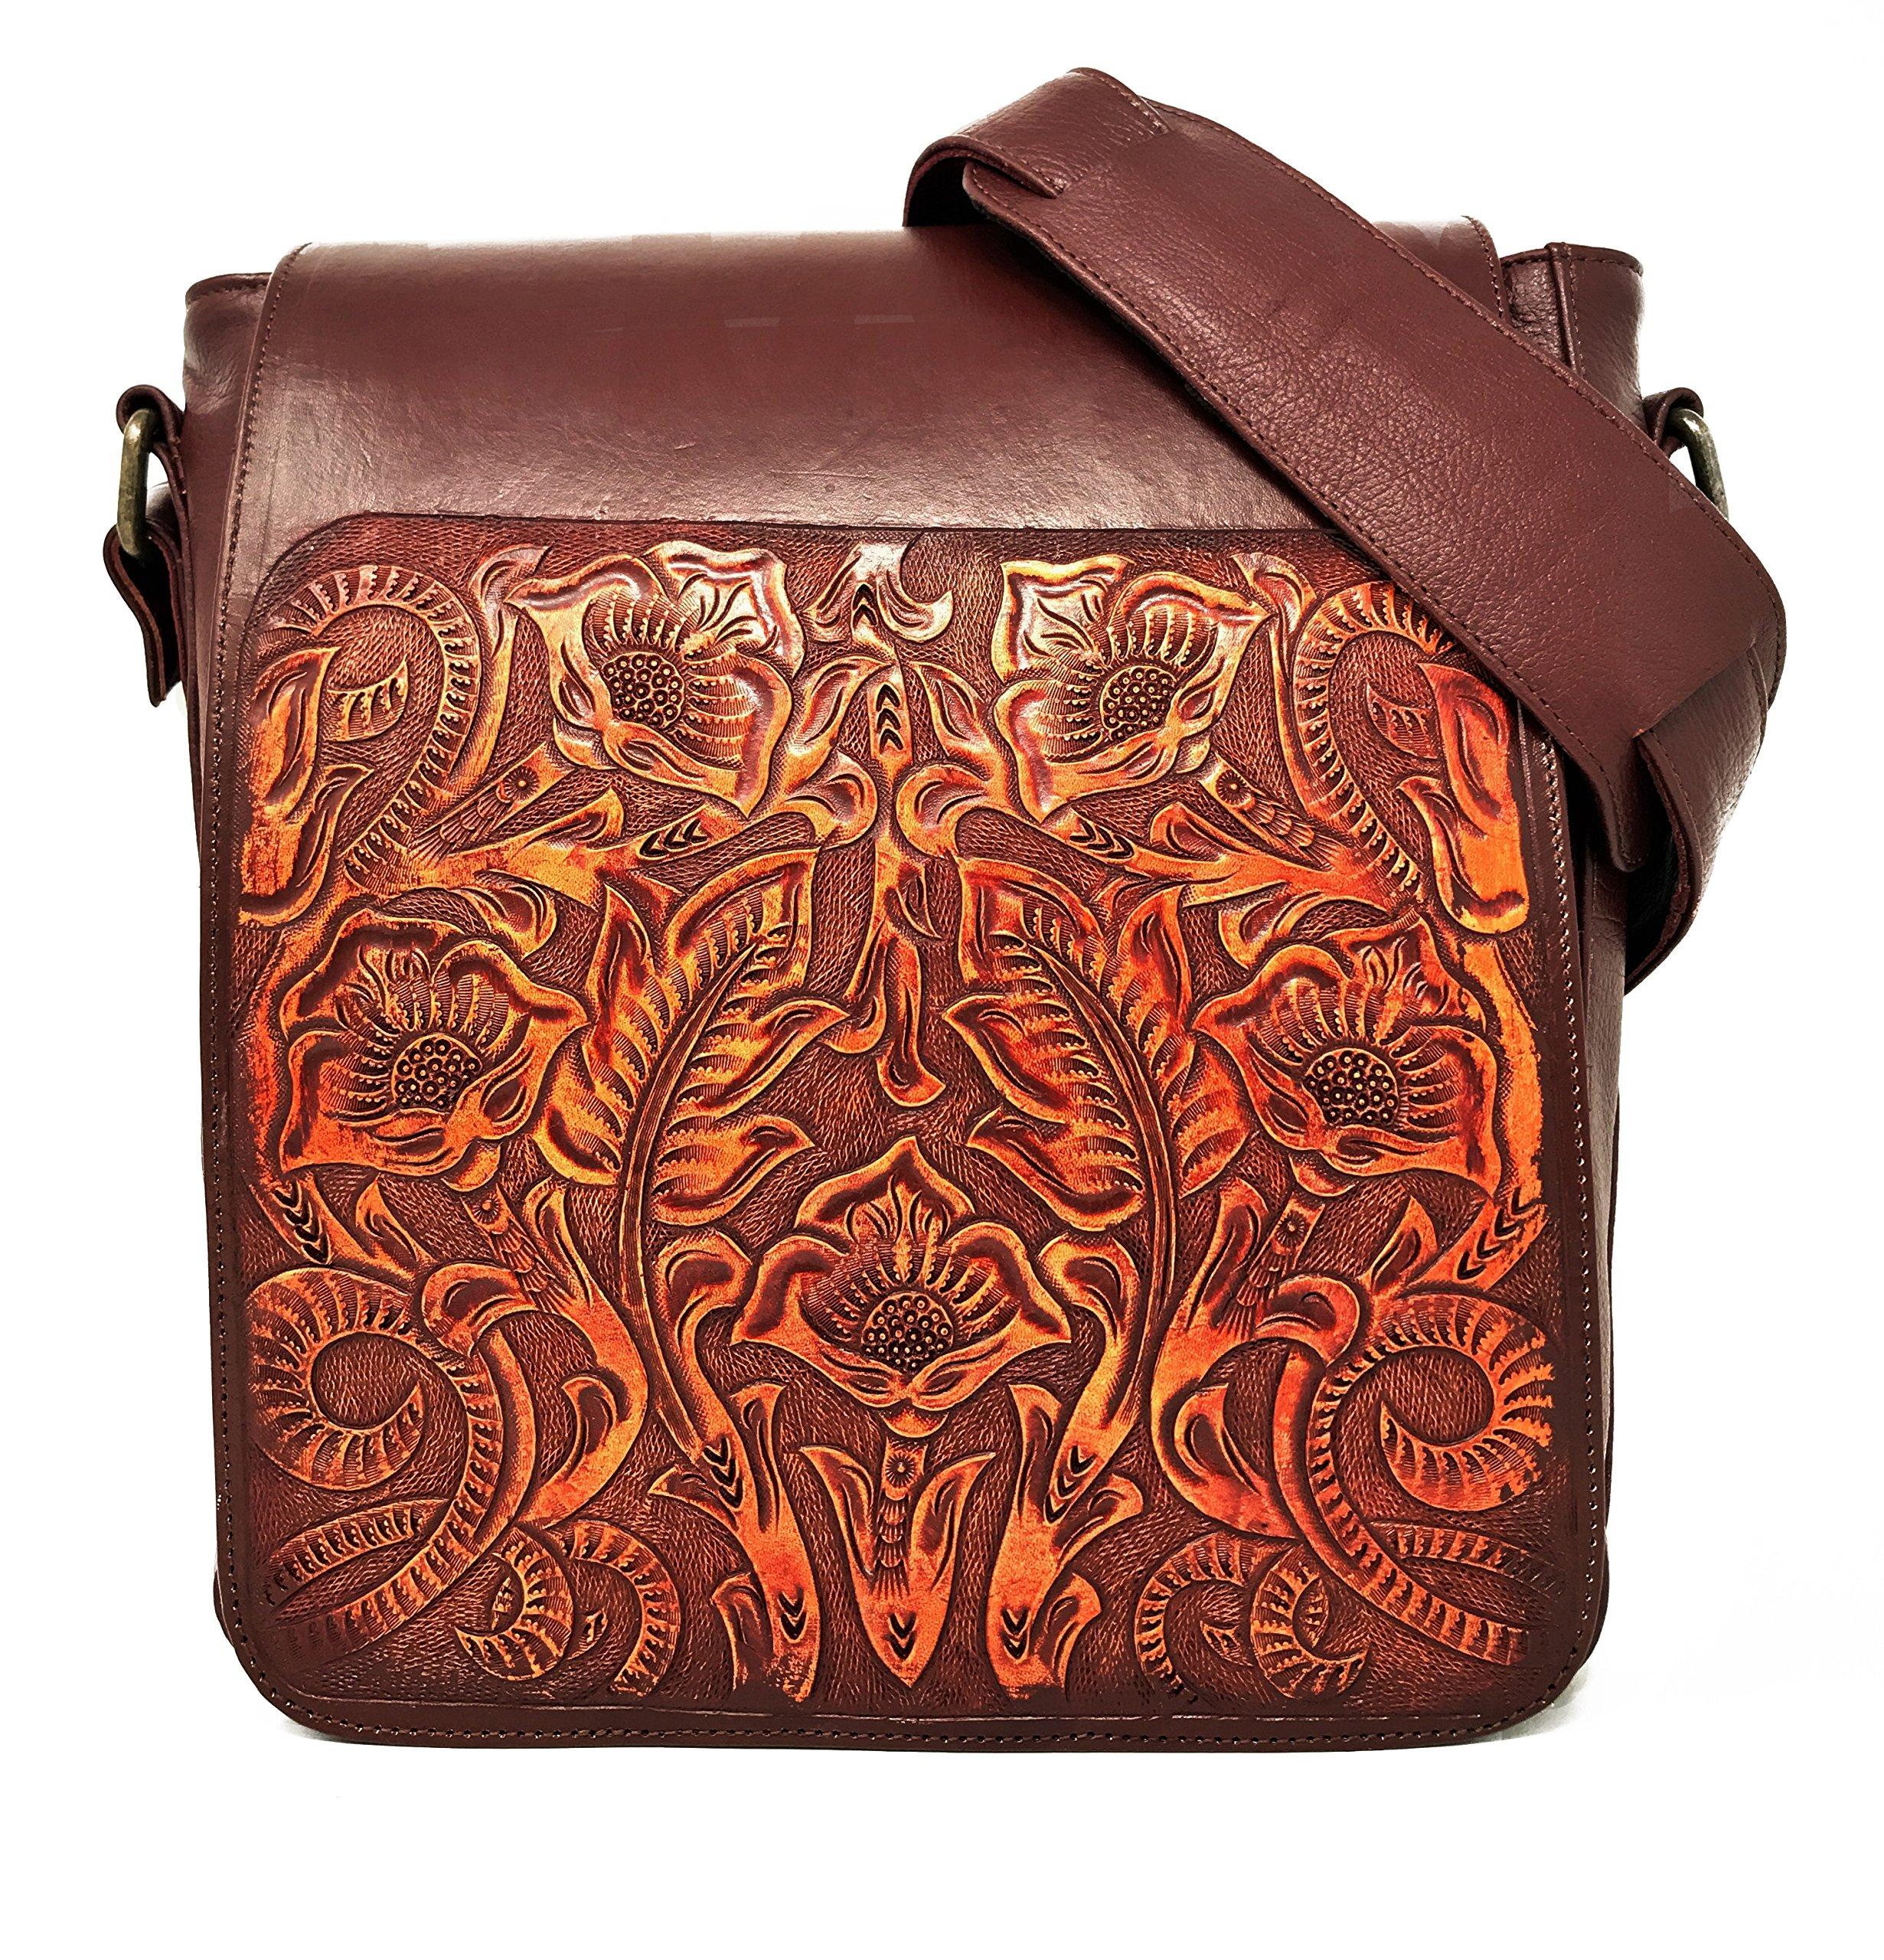 Juno Vintage Floral Artisan Leather Handmade Adjustable Messenger Cross Body Handbag Designer Gift for Women (Cocobolo)